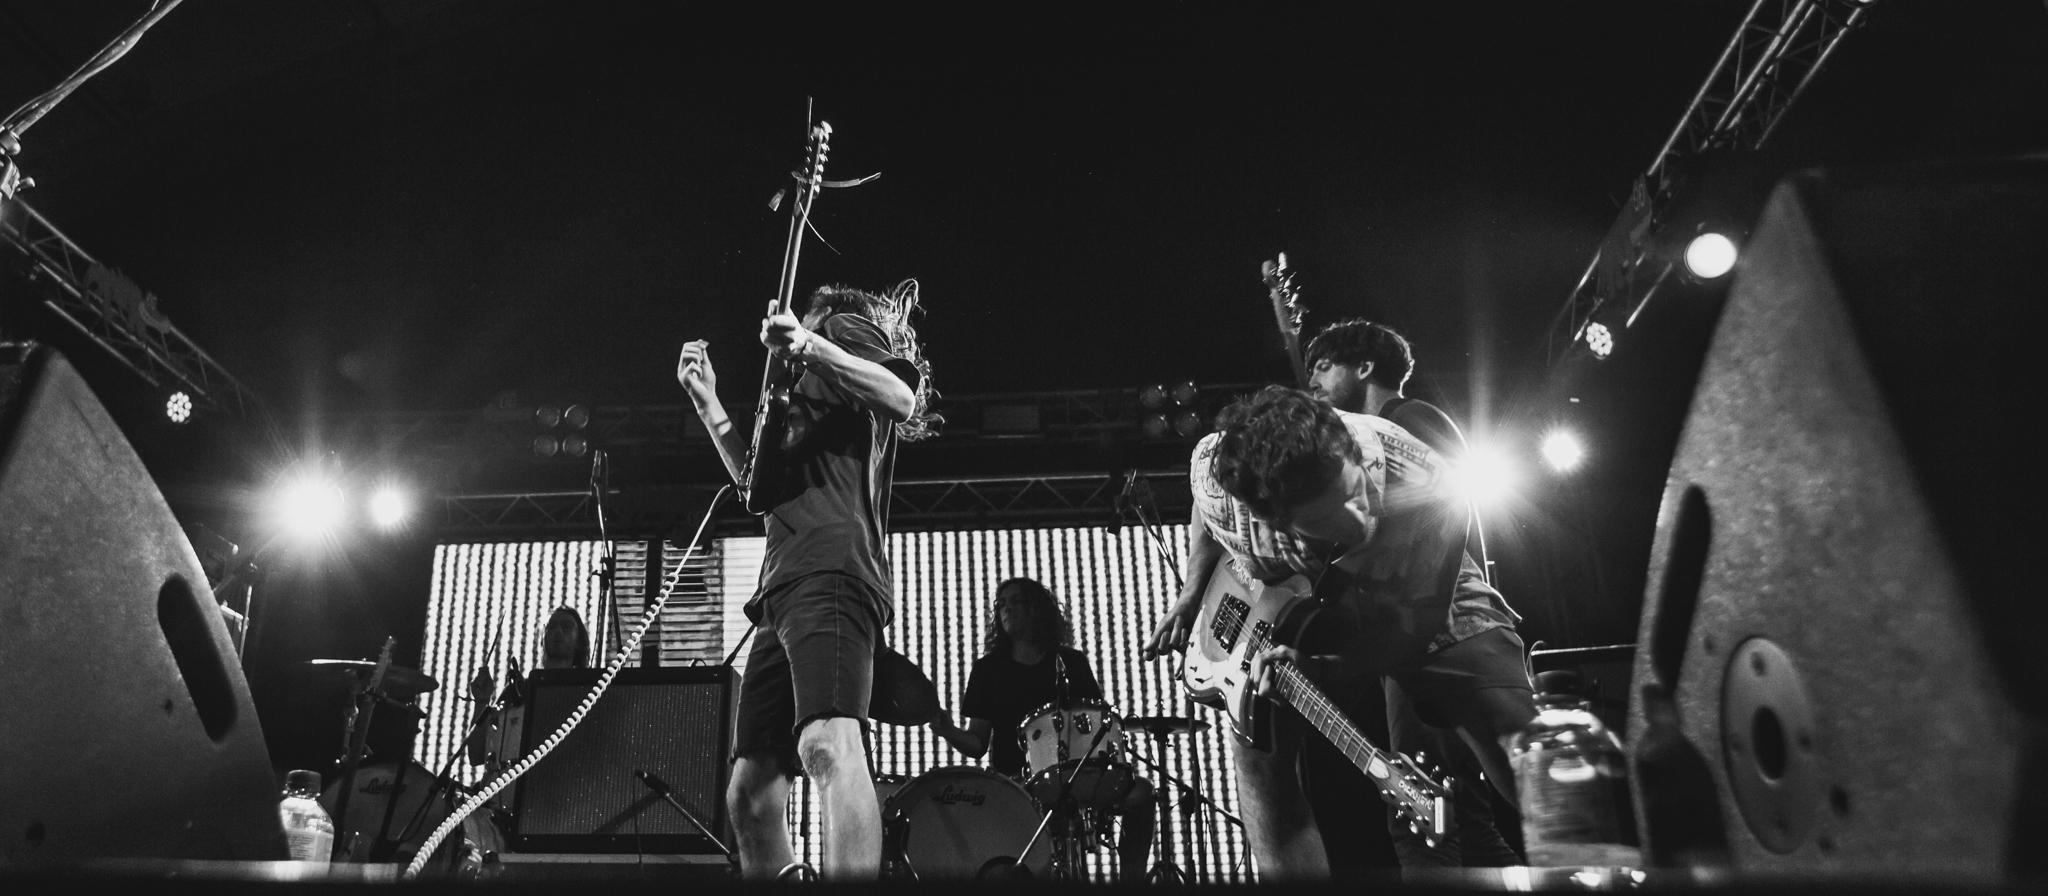 Mitch Lowe Photo - Gizzfest 2016 - King Gizzard & The Lizard Wizard-2195.jpg